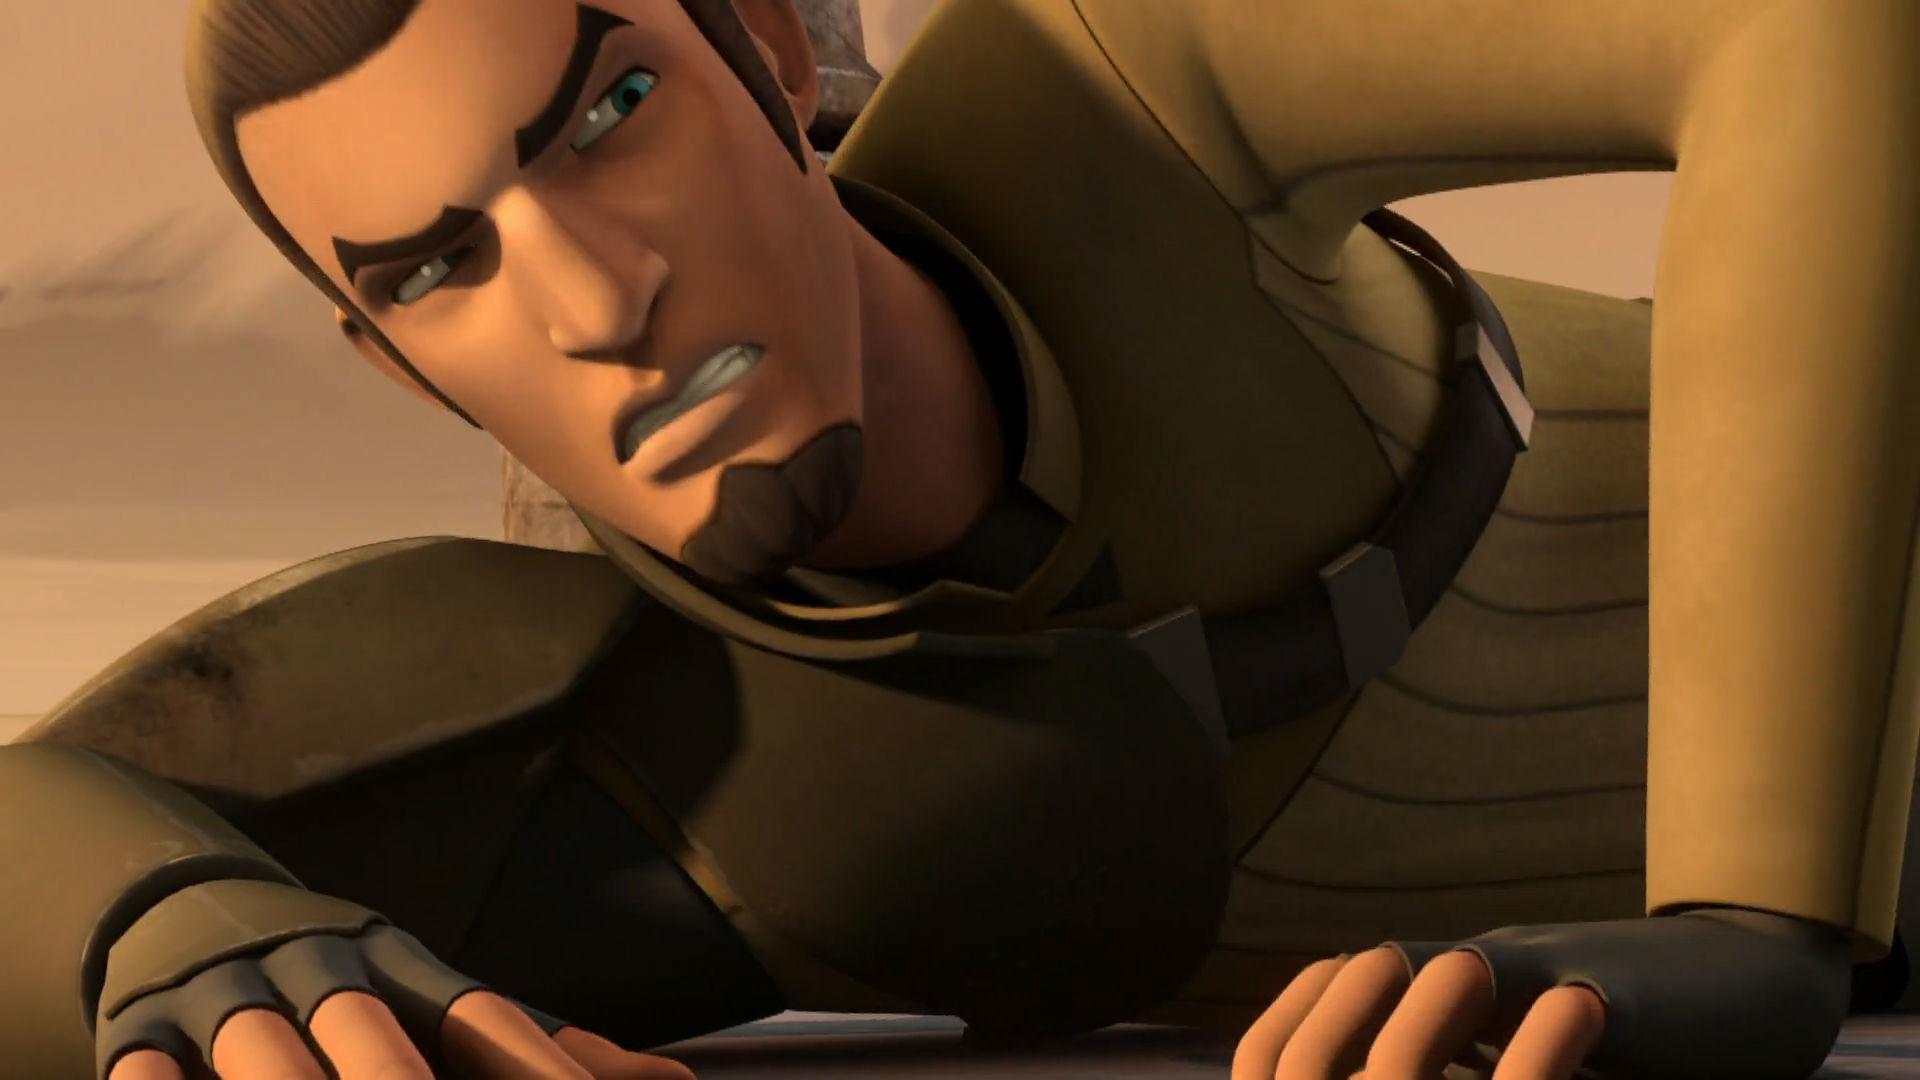 הצצה ראשונה אל העונה השניה של מלחמת הכוכבים המורדים